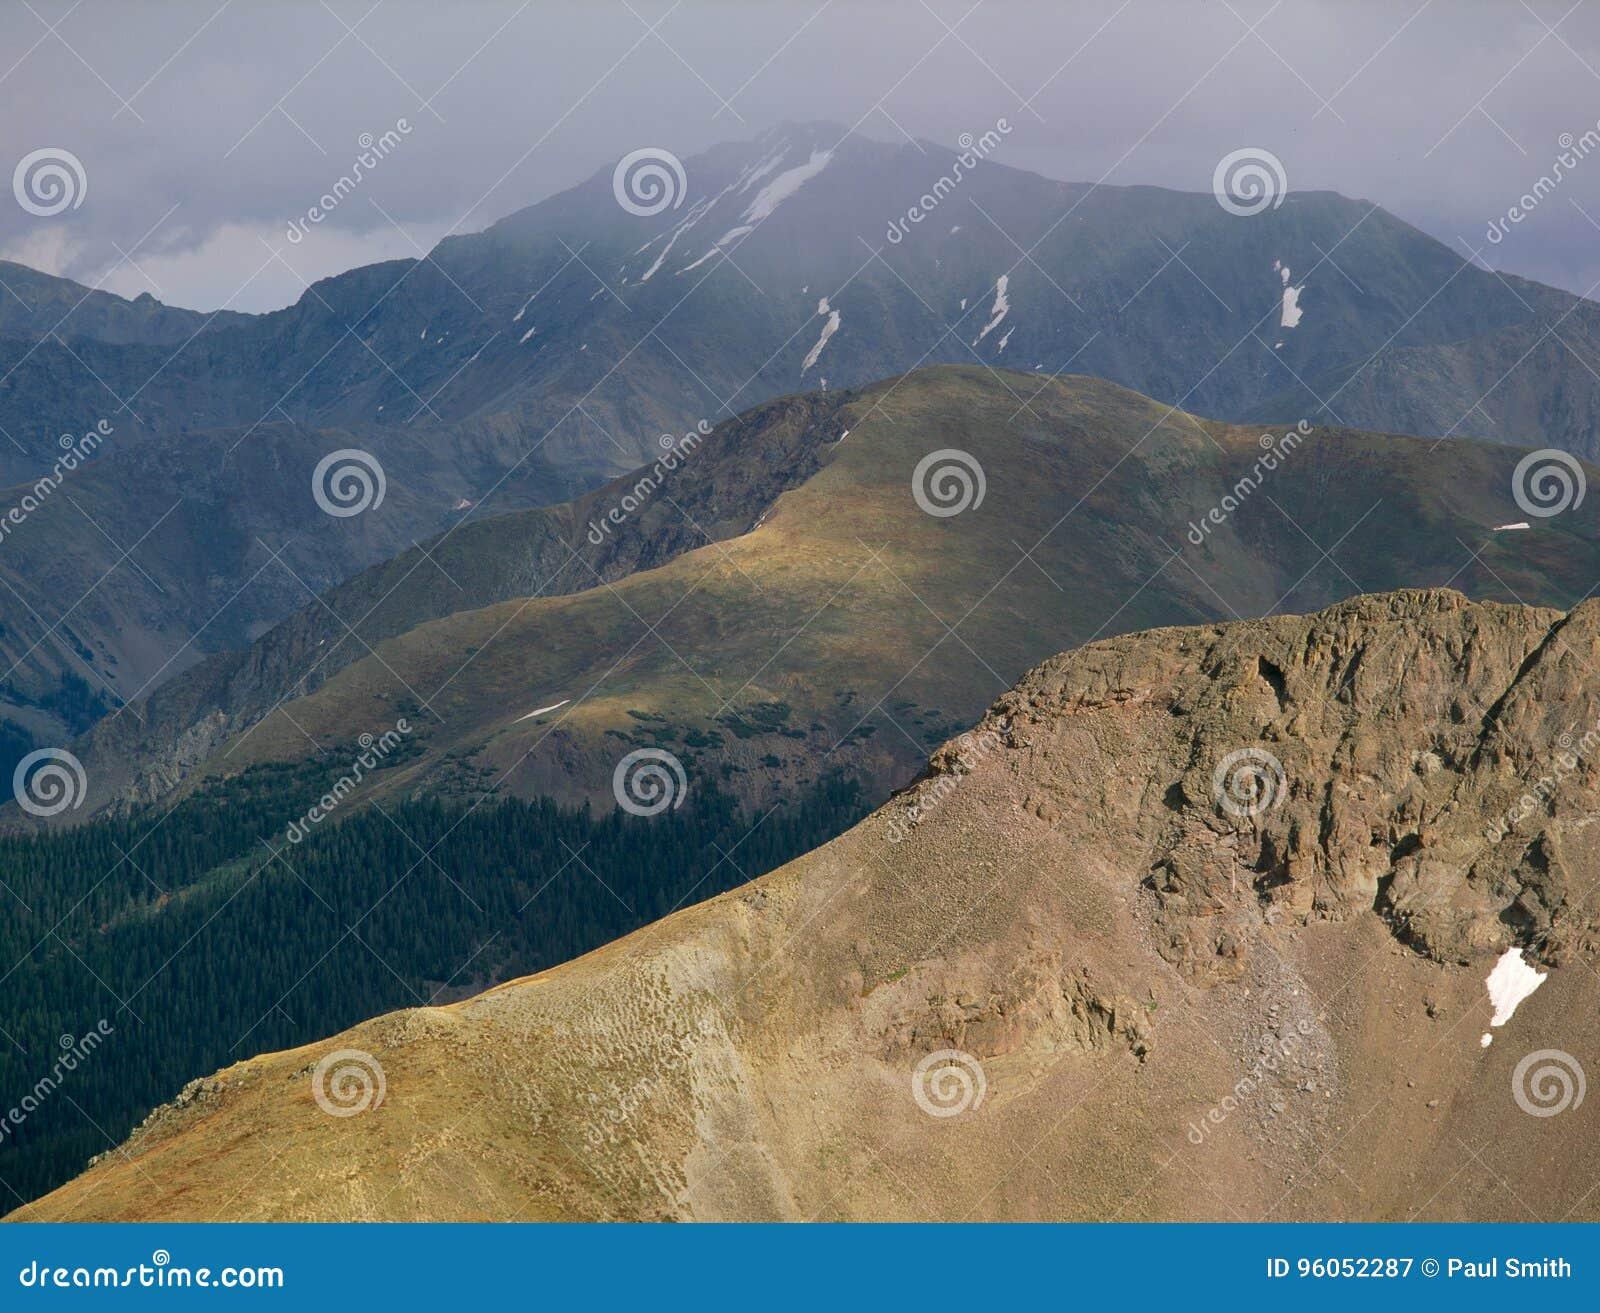 Осадки вдоль континентального водораздела, ряд Sawatch, Колорадо